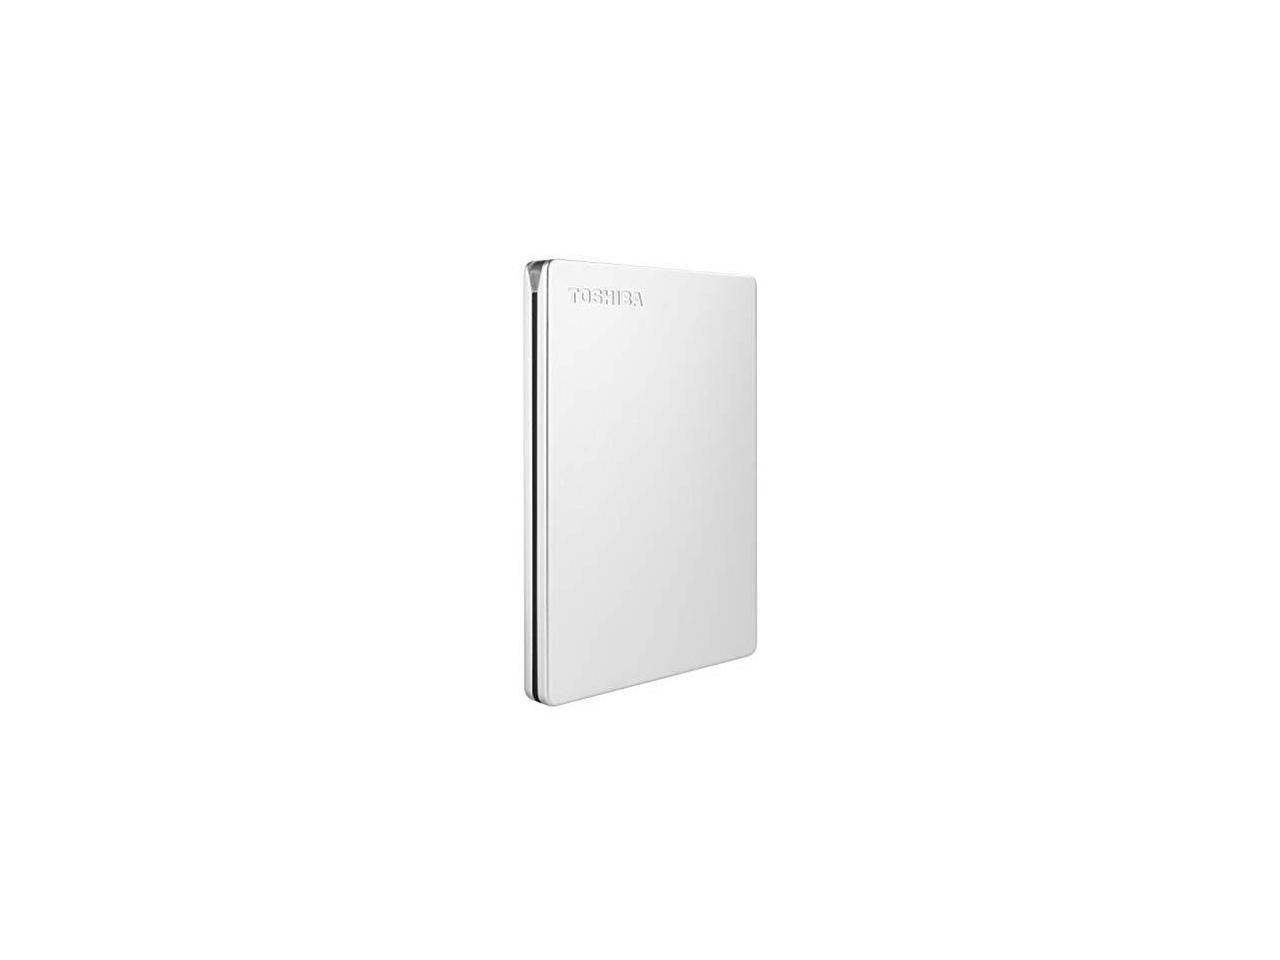 Toshiba 1TB 2,5 CANVIO SLIM USB3.0 Silver (HDTD310ES3DAU)